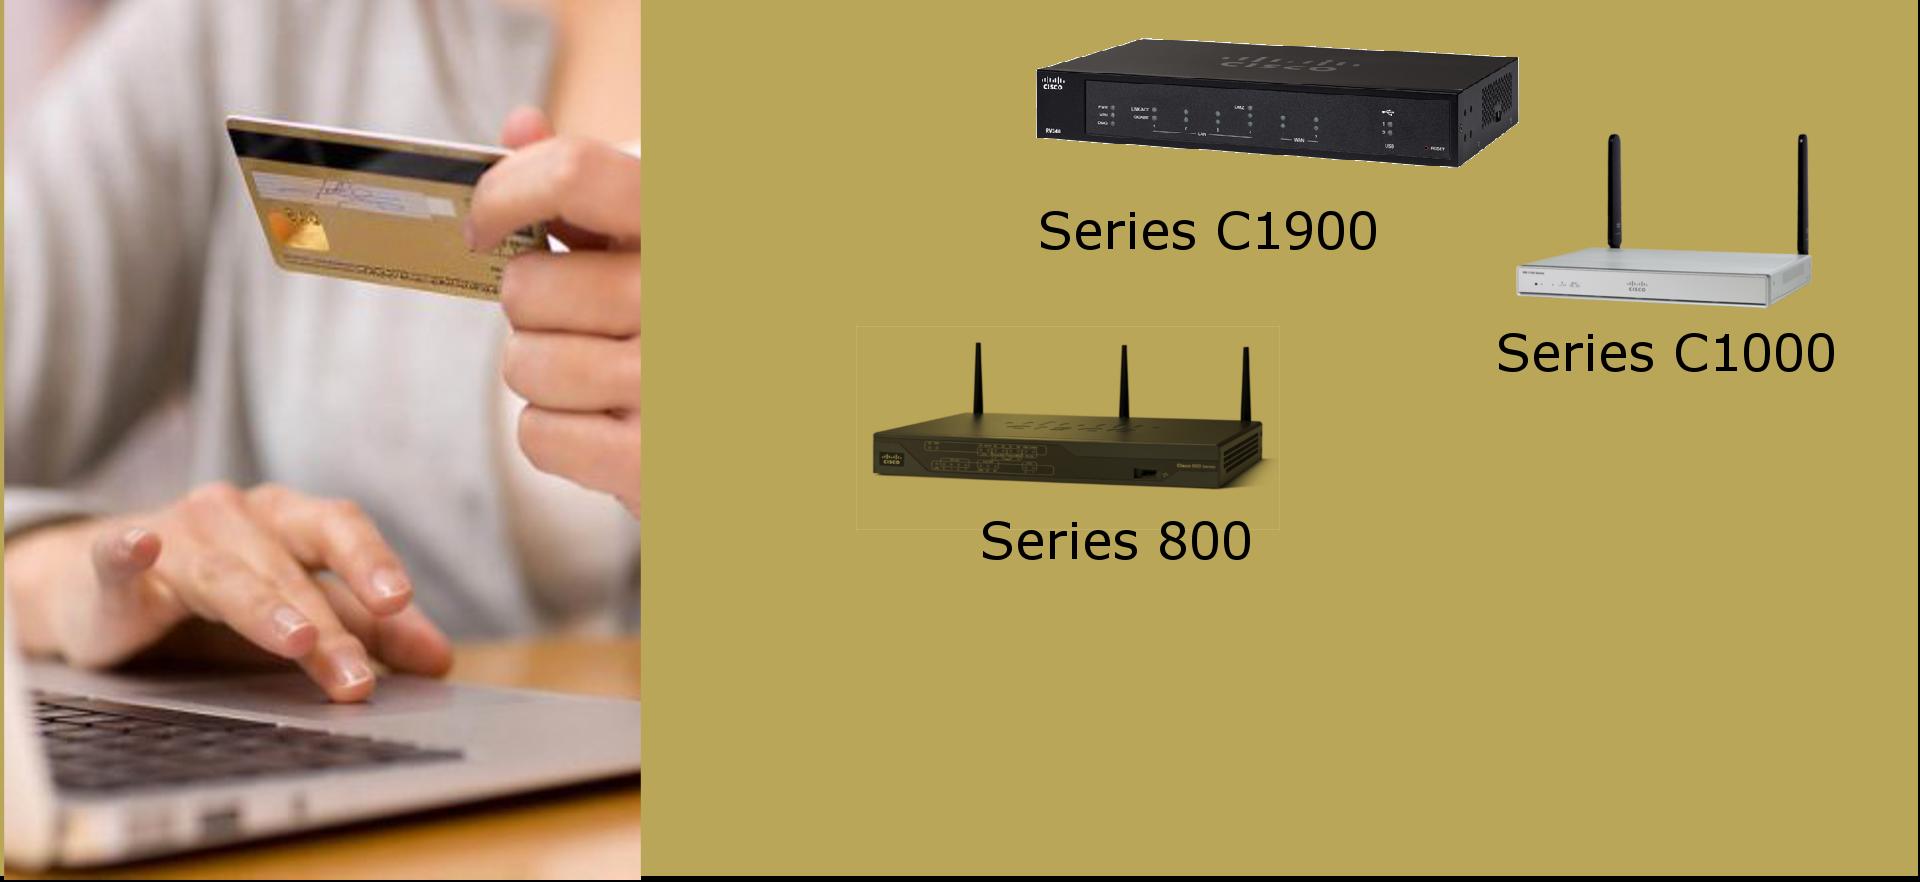 Tous les routeurs Cisco